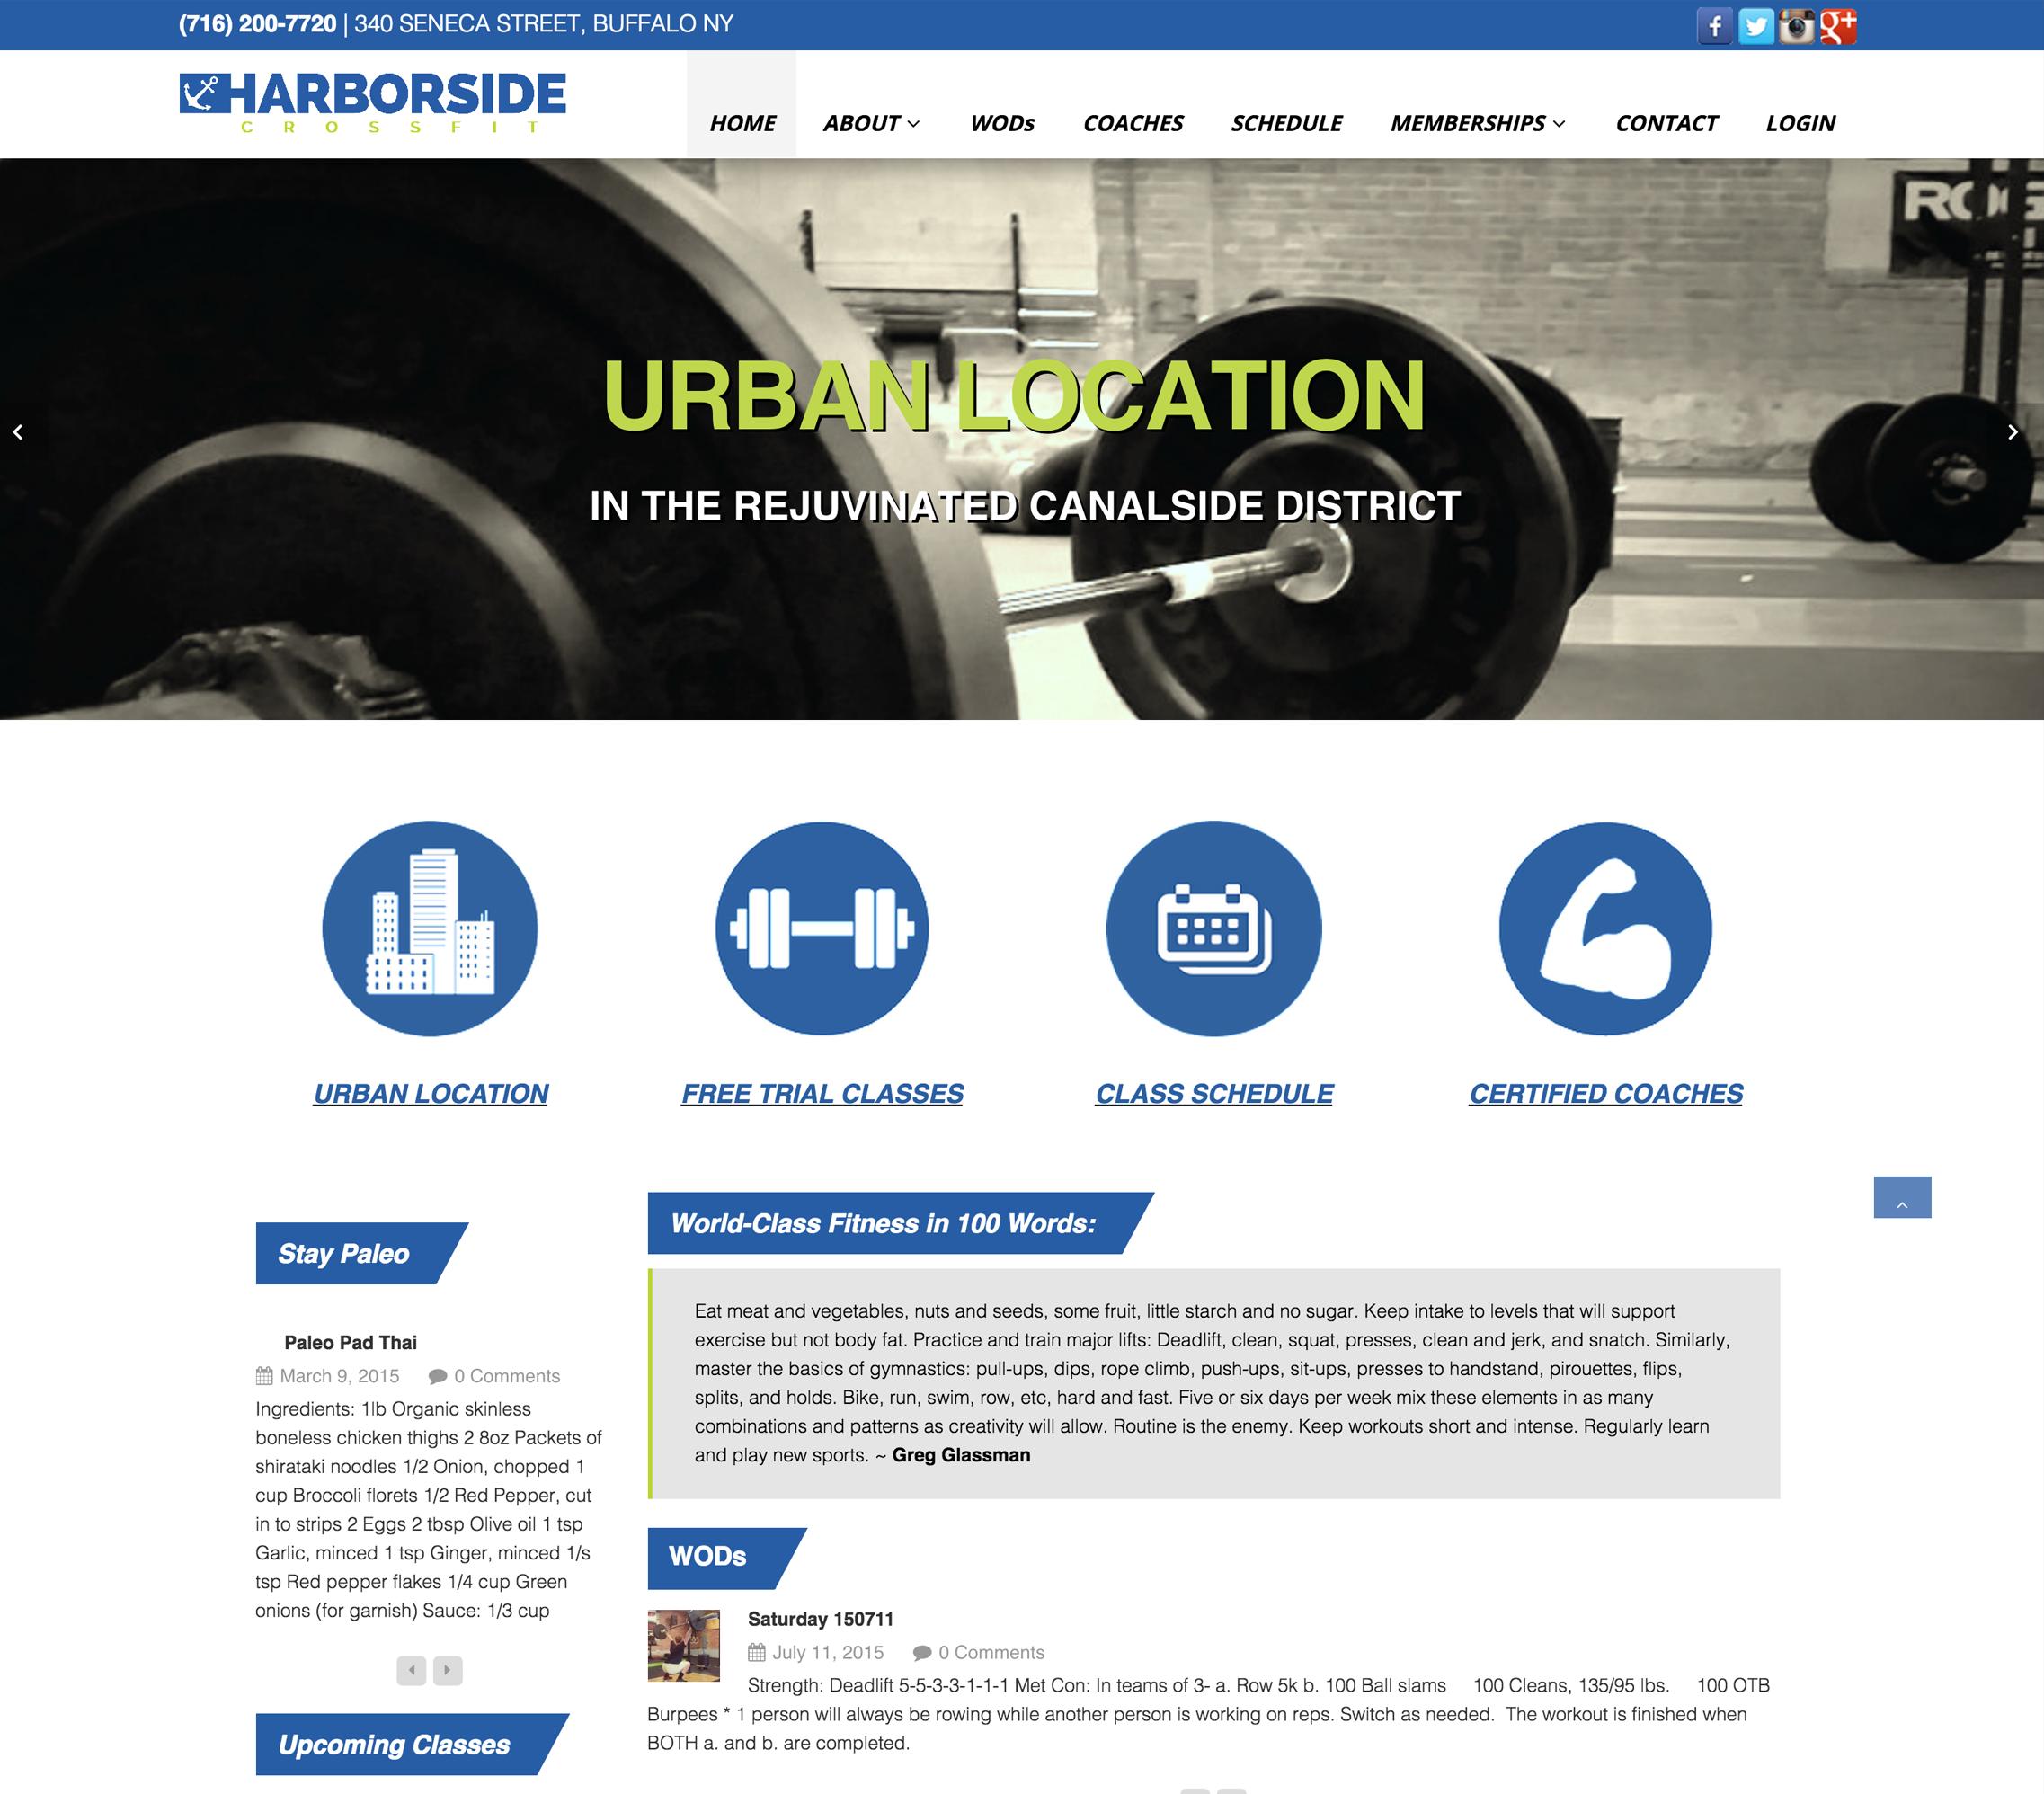 harborside_layout